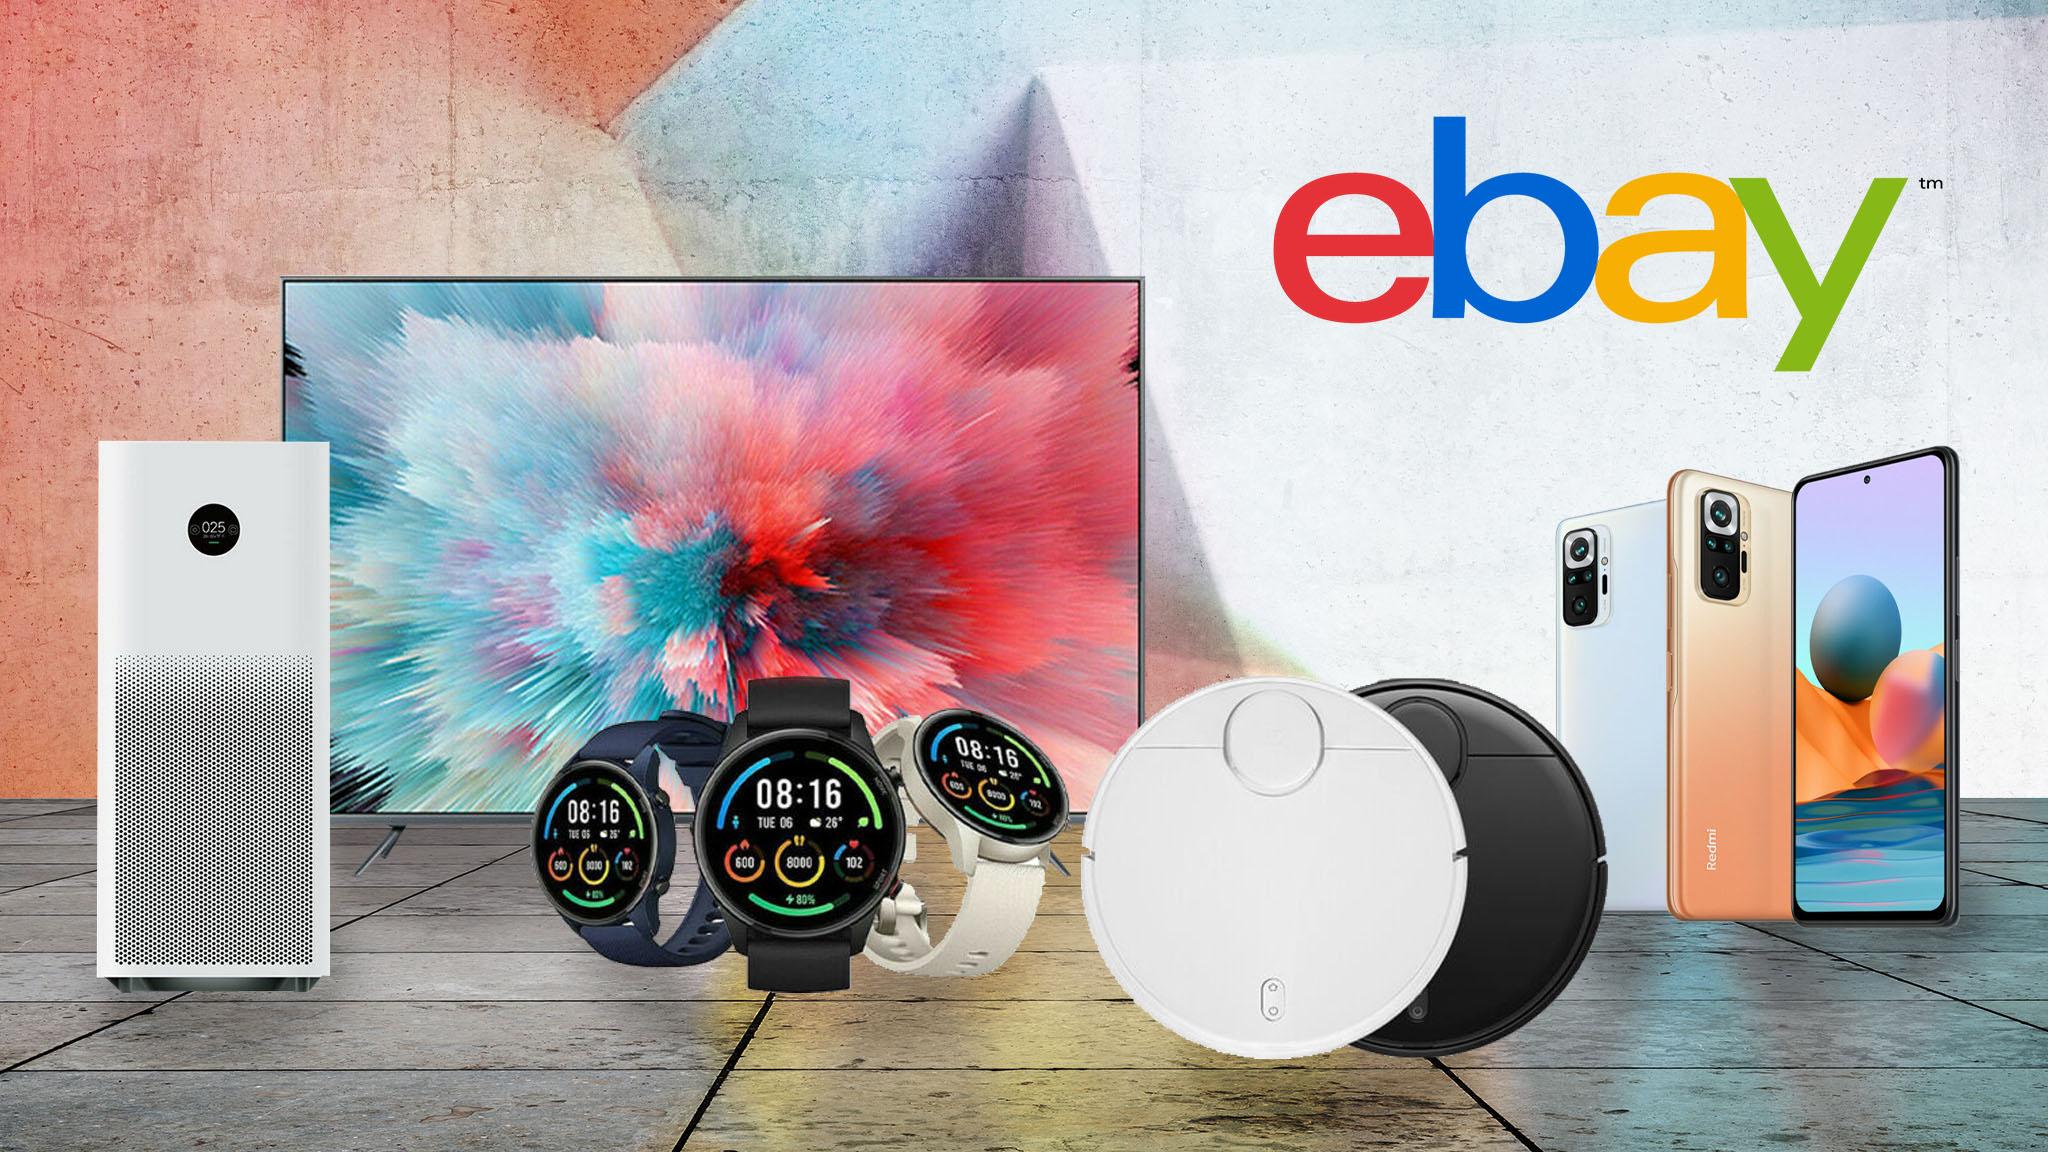 ebay-deal-elektroartikel-von-xiaomi-zum-sparpreis